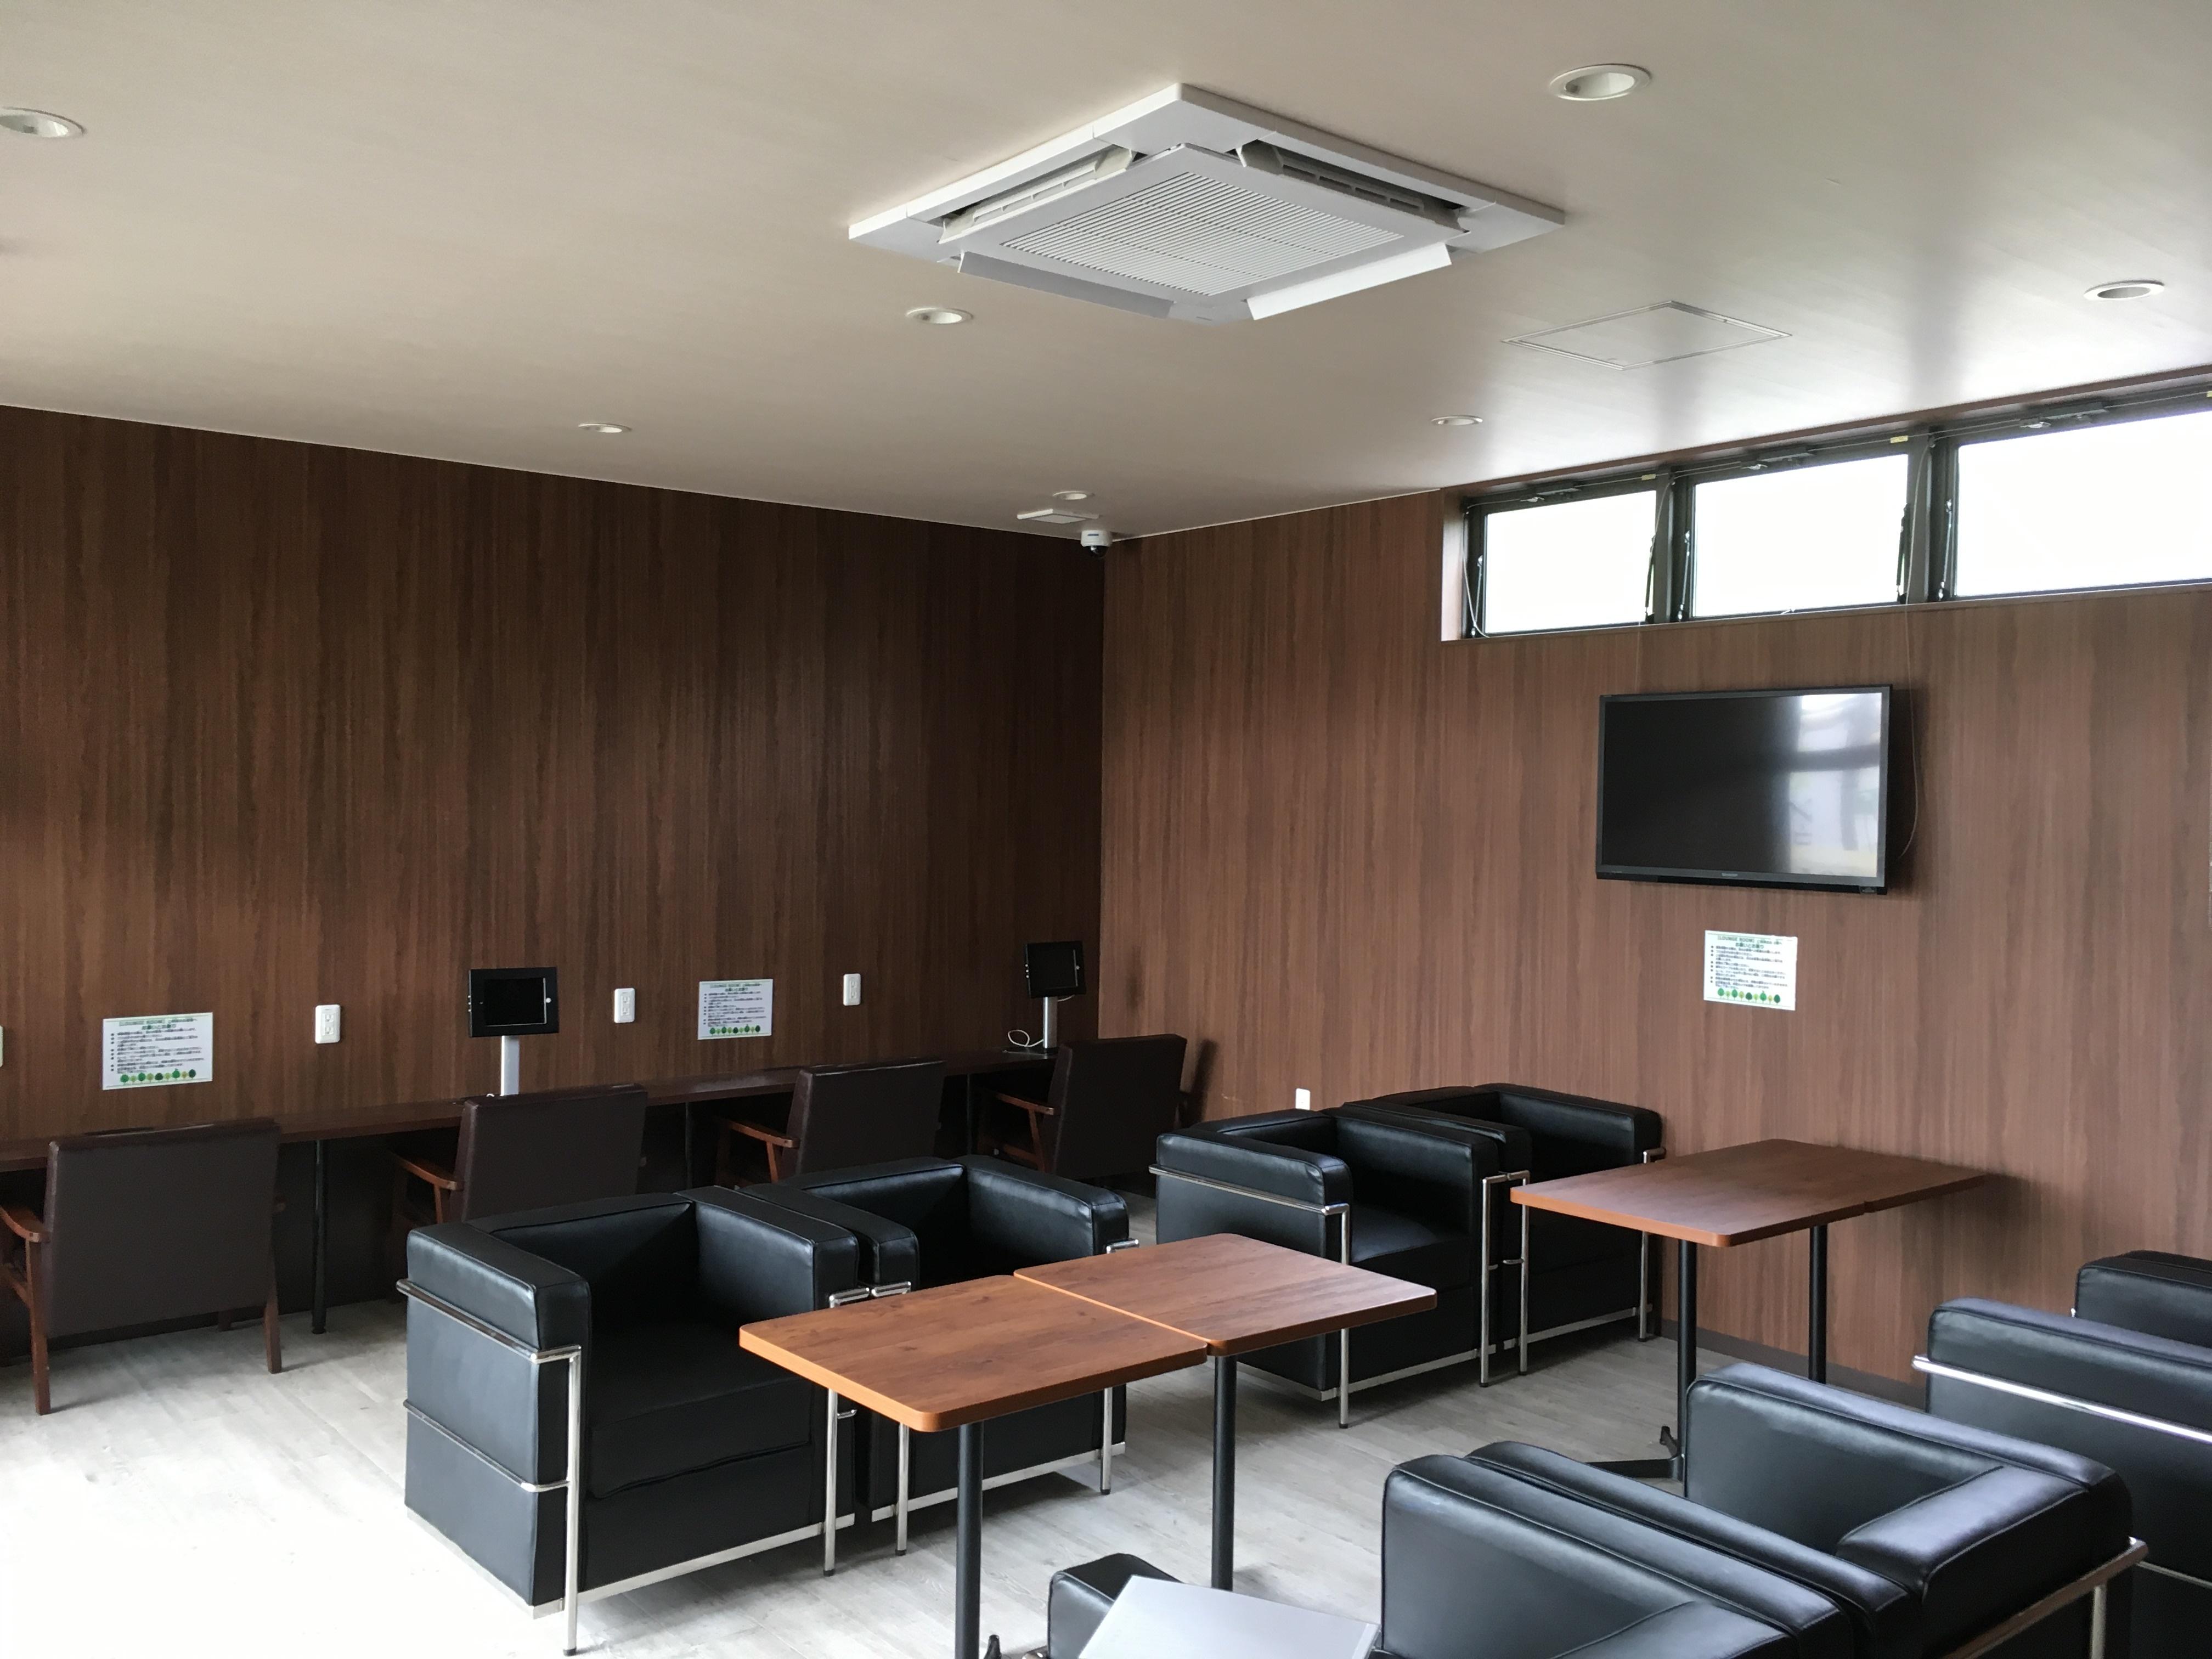 ランドリーガーデンicott 格安多目的スペースの室内の写真